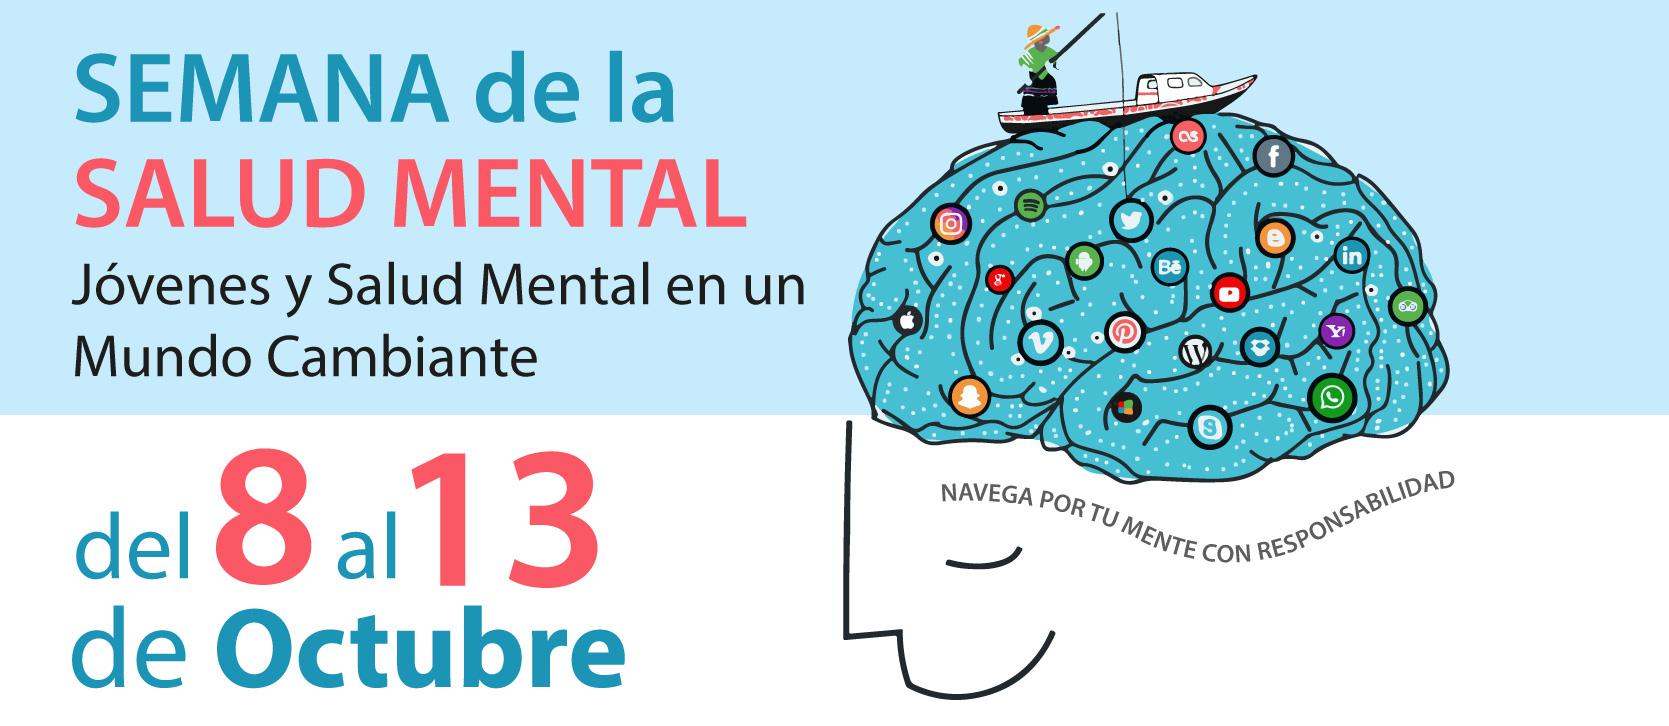 Semana de la Salud Mental